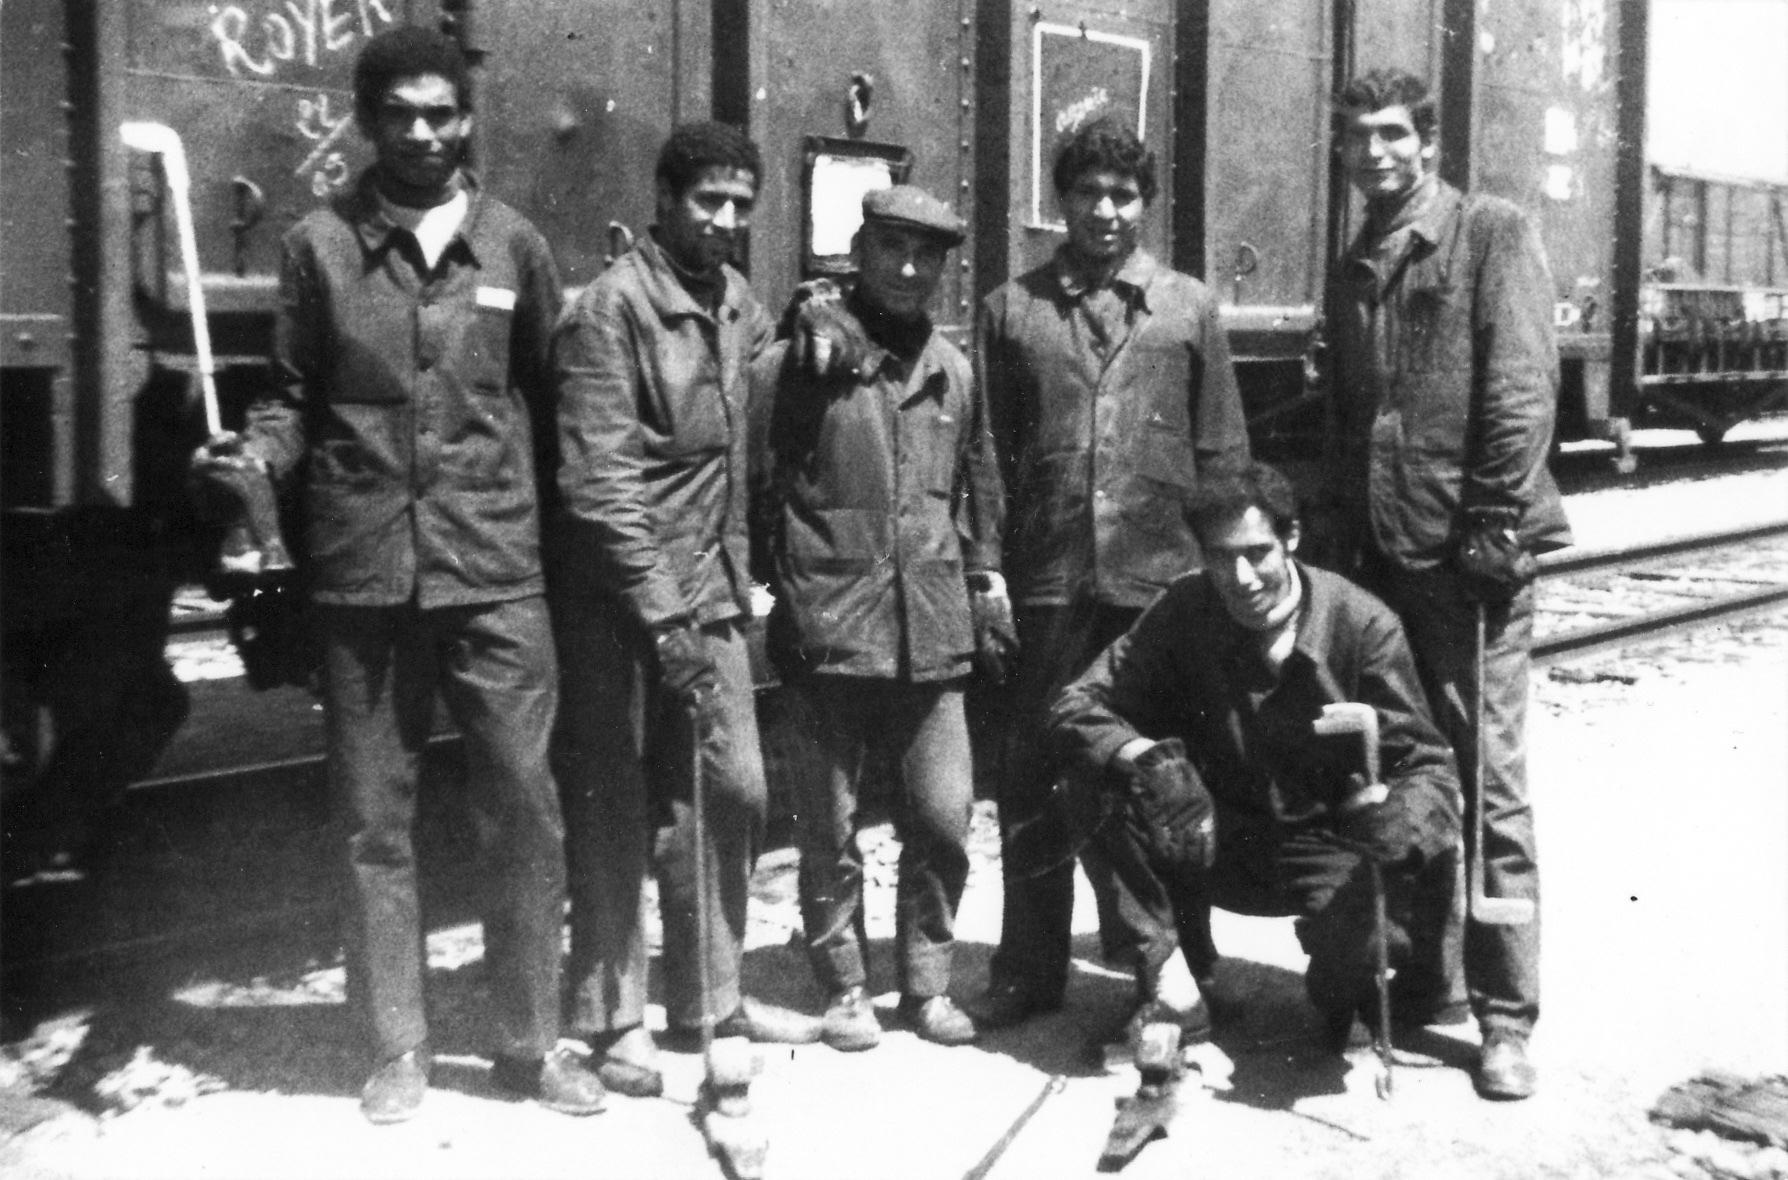 groupe-triage-juin-1970_0002